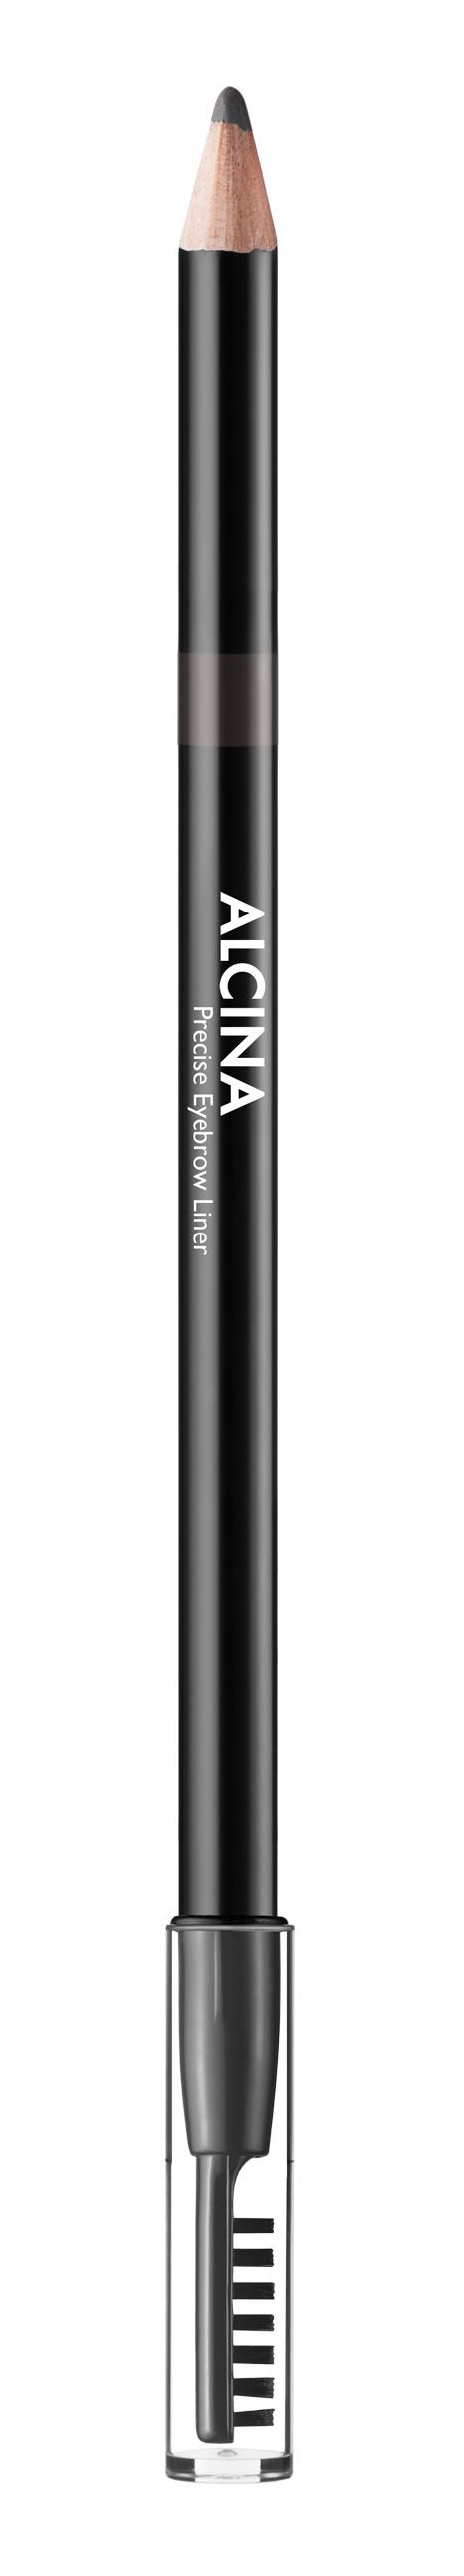 Alcina Precise Eyebrow Liner - tužka na obočí s kartáčkem 1ks dark